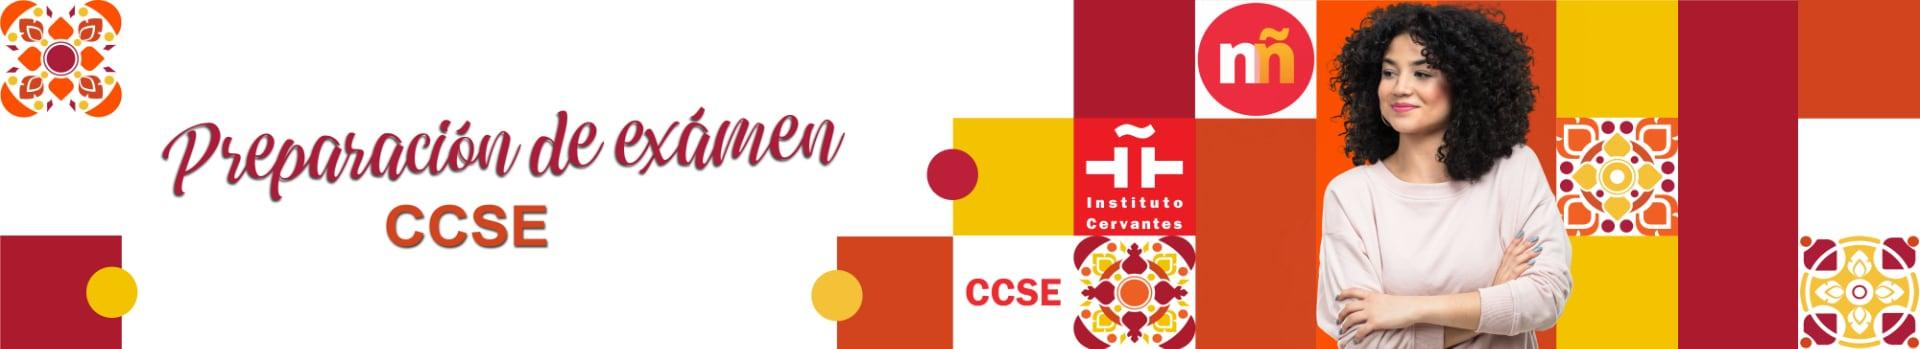 何时可以查询CCSE考试结果?